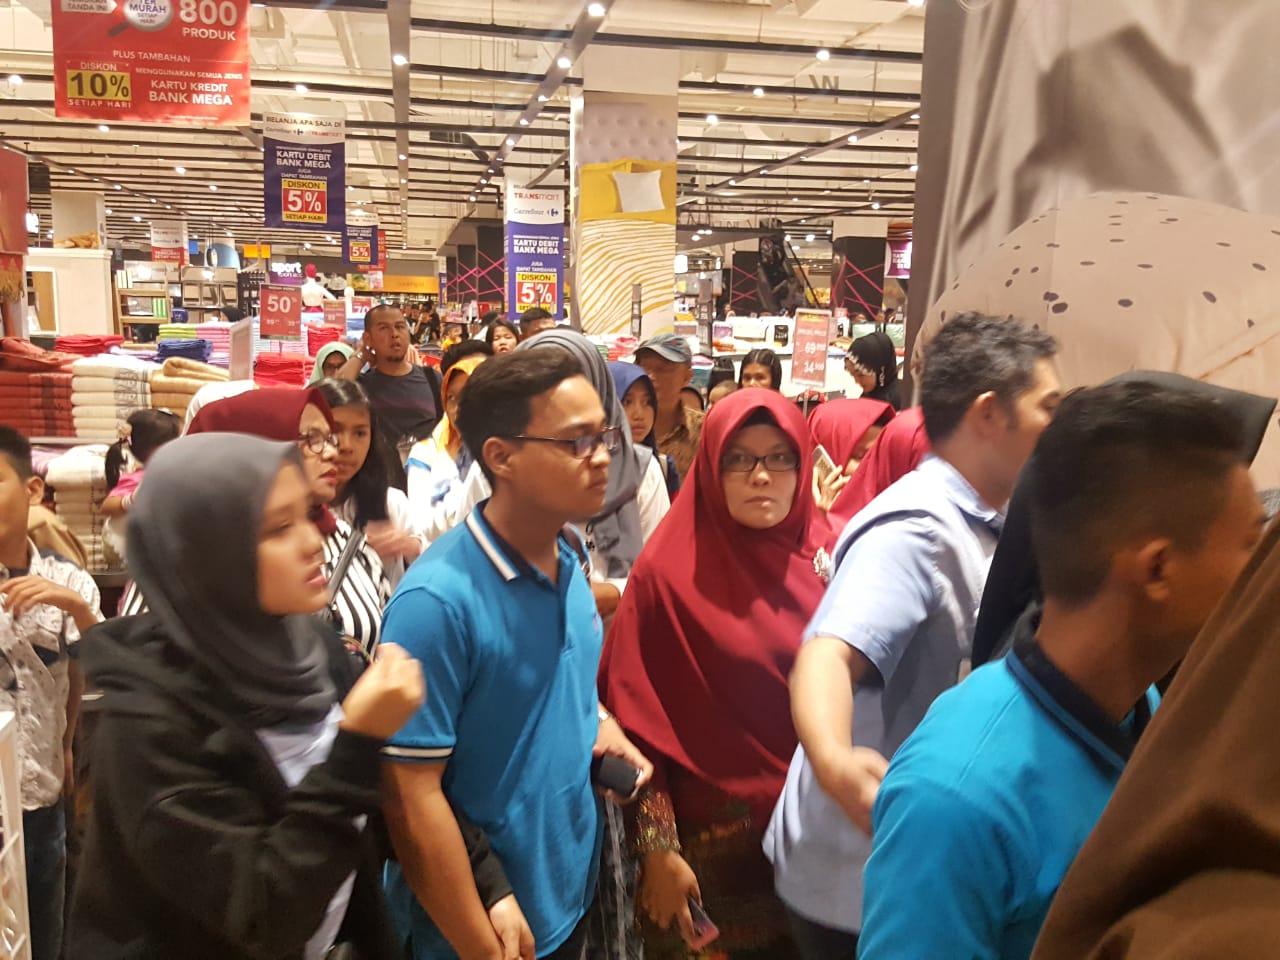 Pengunjung berhamburan dari salah satu pusat perbelanjaan di Padang ketika Gempa mengguncang Padang, Minggu (21/7/2018).